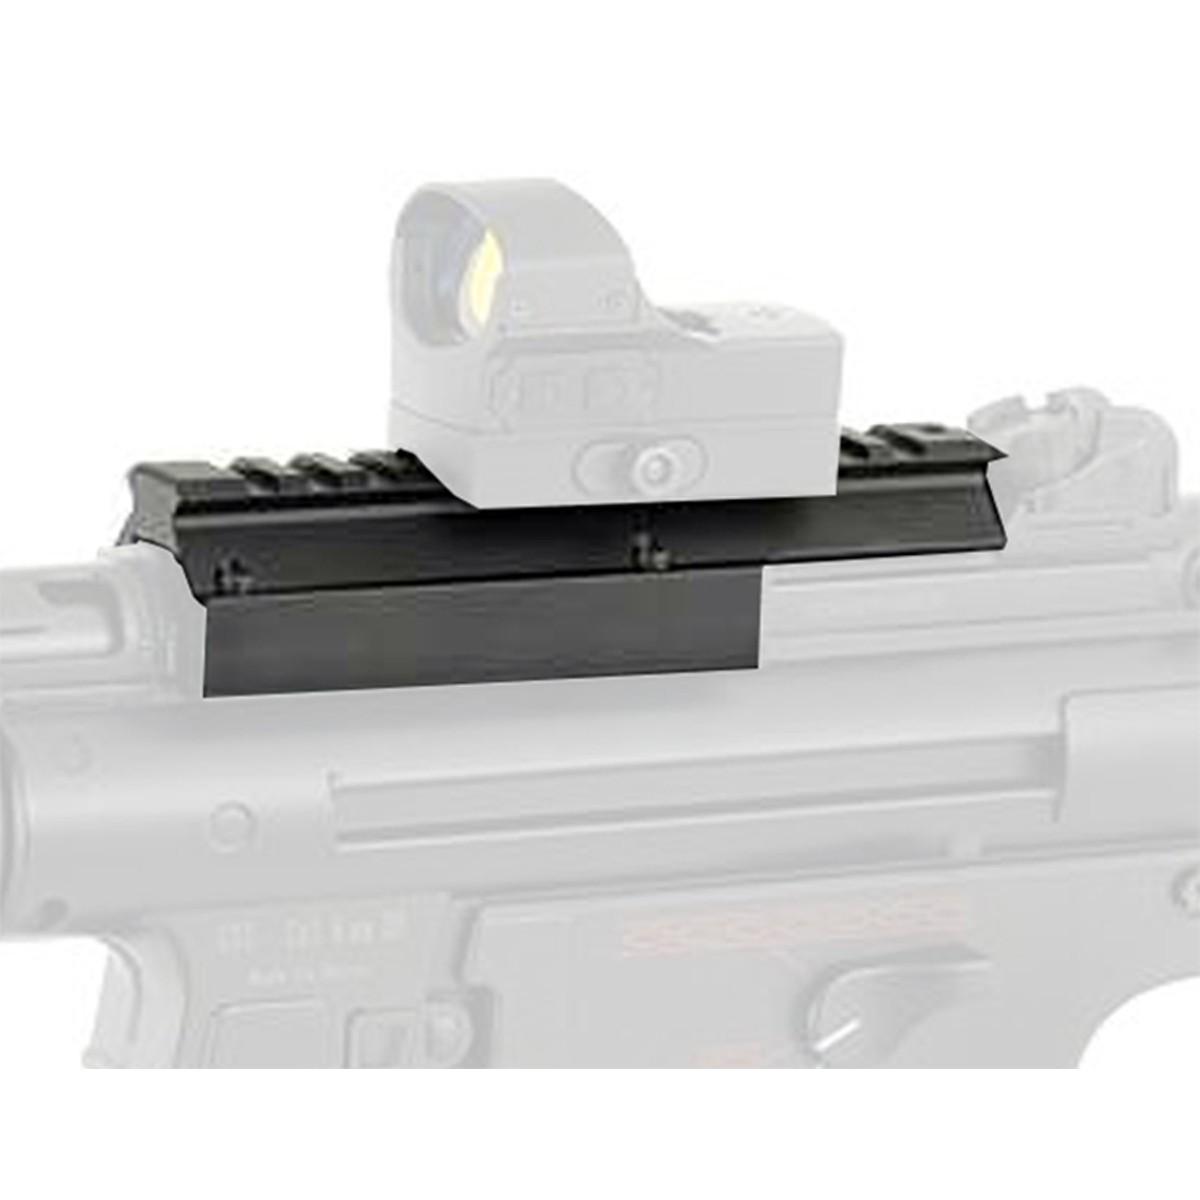 MP5 / G3 Low Profile Picatinny Mount Base